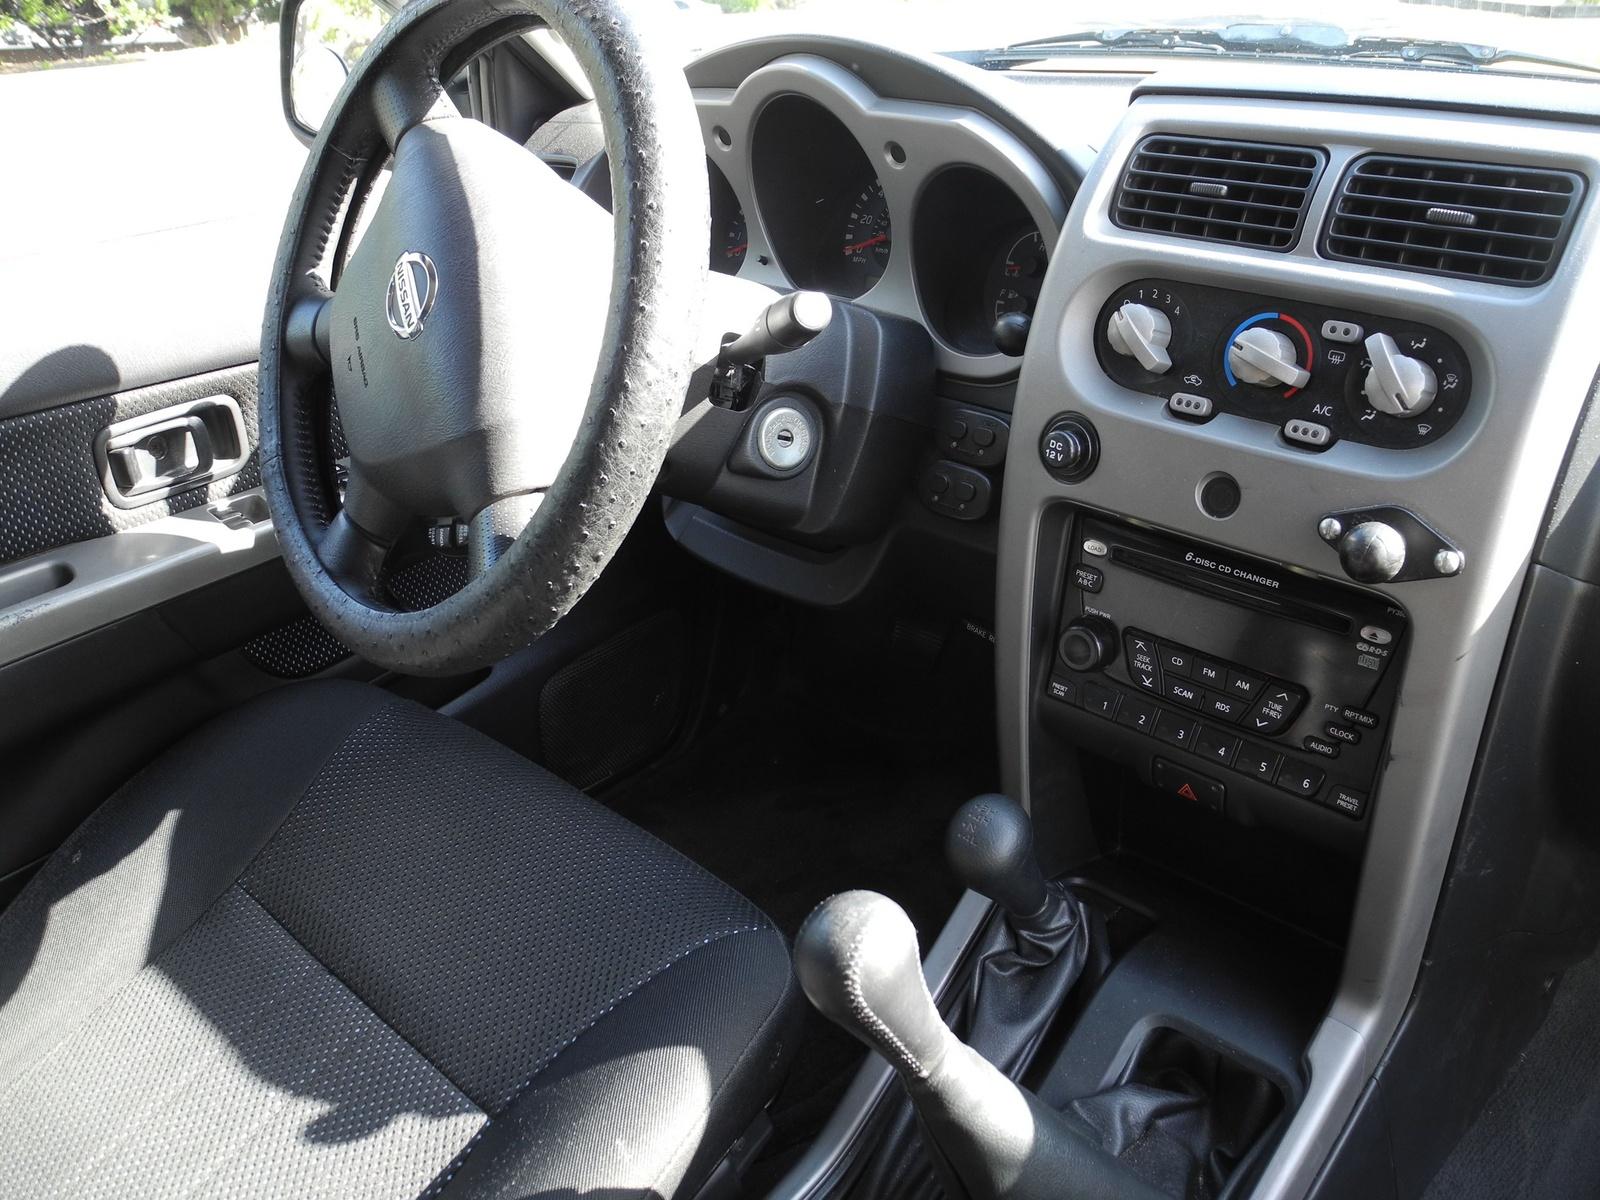 WRG-9914] Nissan Suv Xterra 2002 Se Wiring Diagram